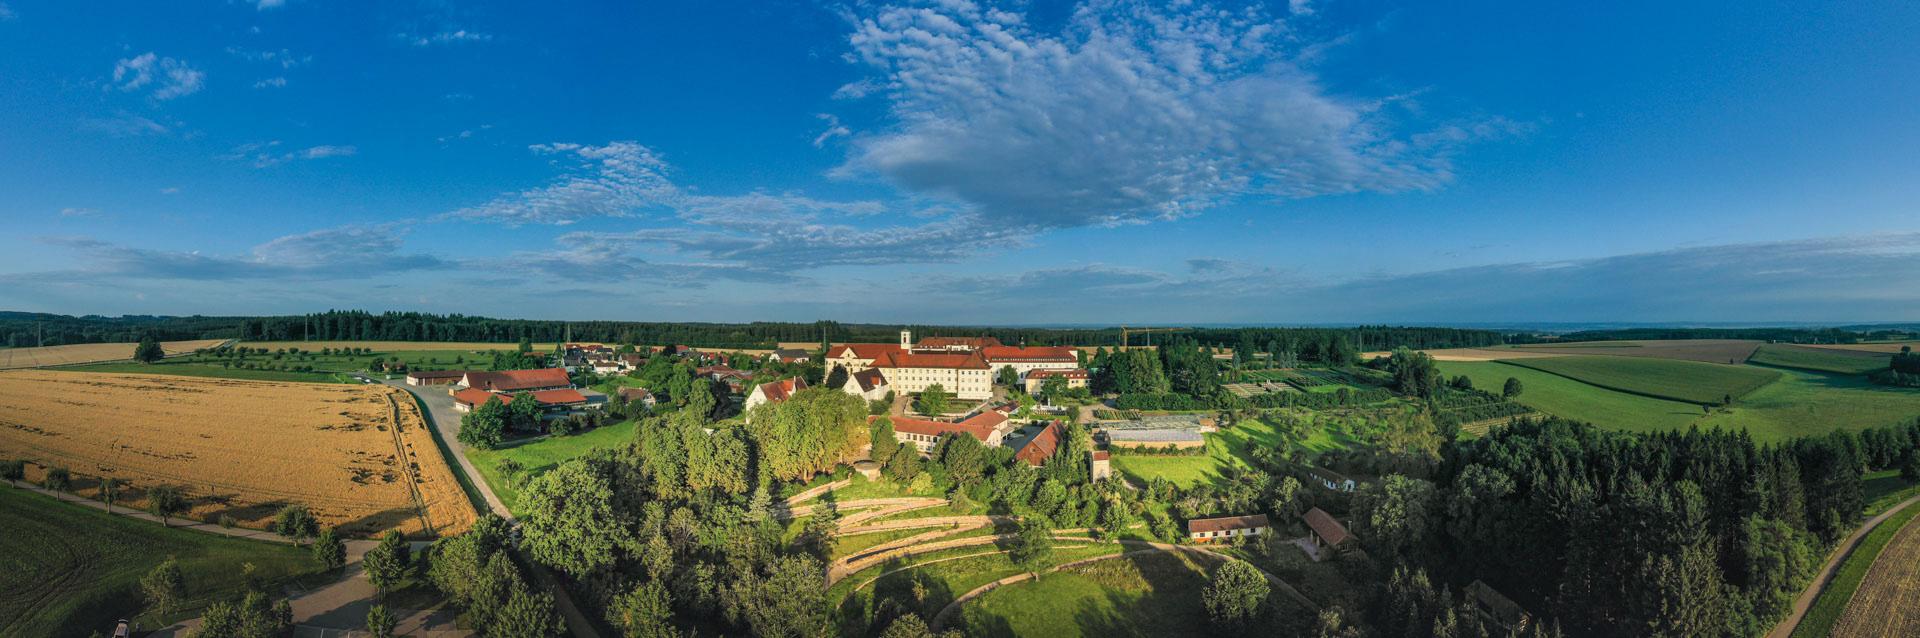 Kloster Siessen